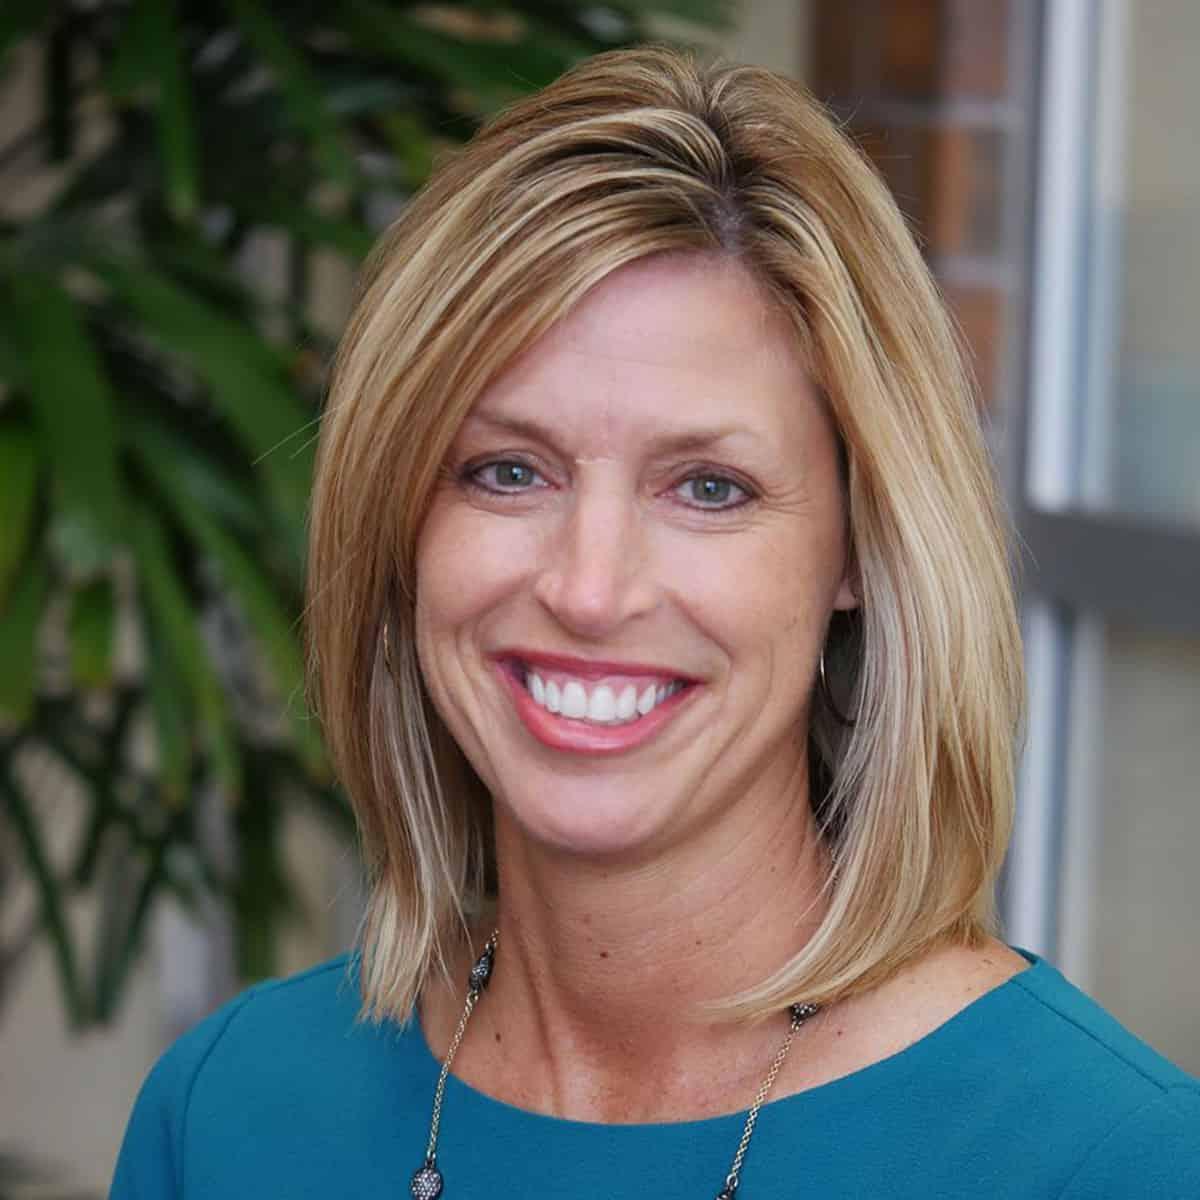 Tammy Sealer